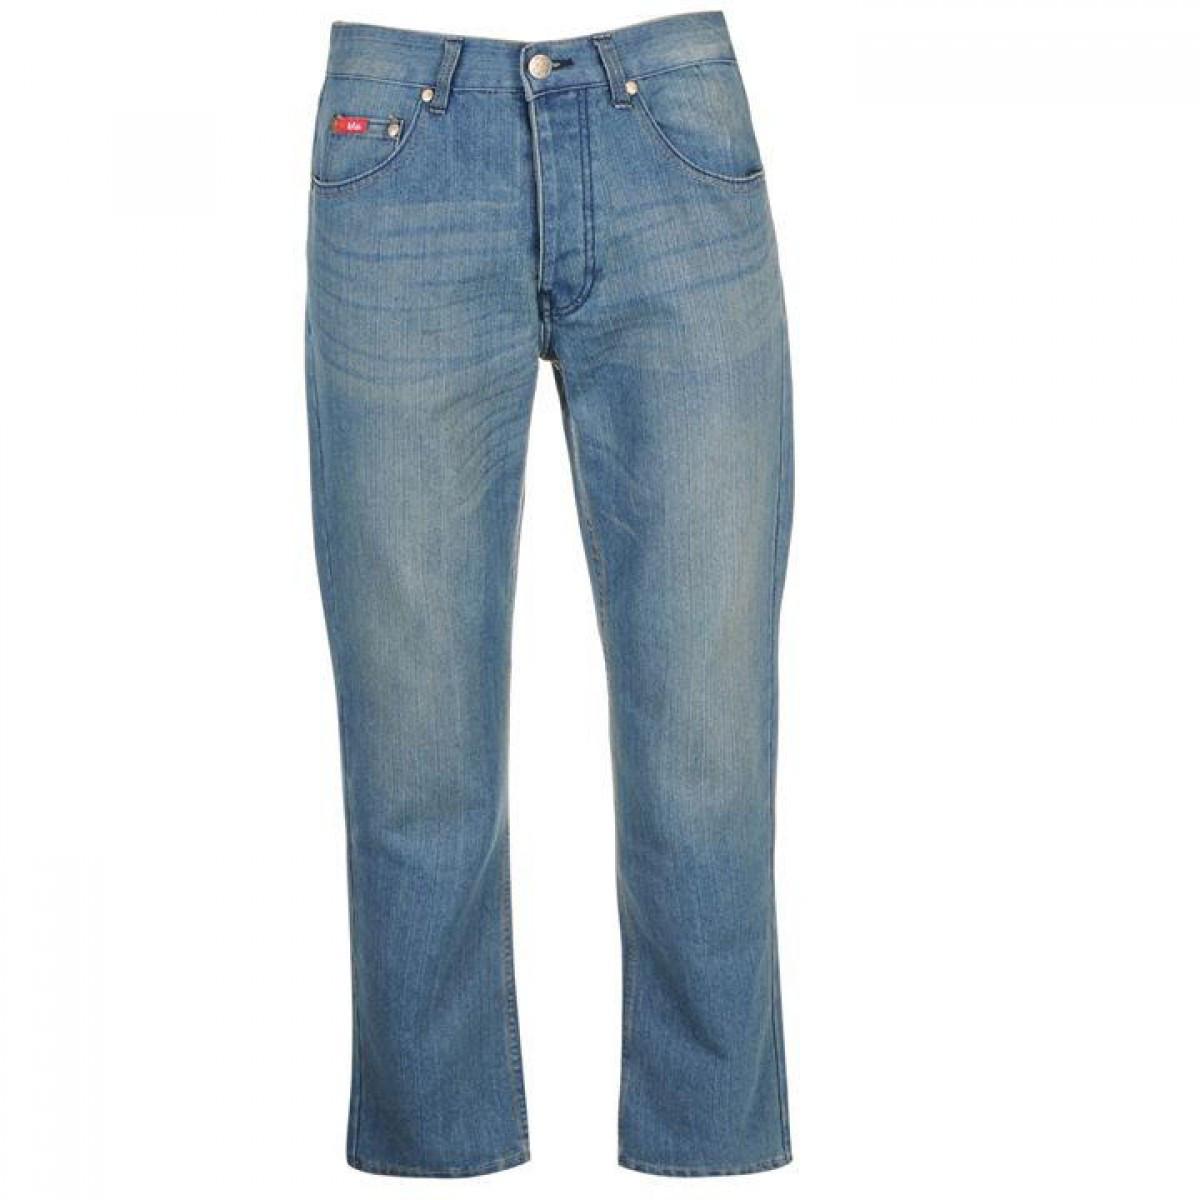 acc1b166118 Джинсы Lee Cooper Regular Mid Wash - Оригинал - FAIR - оригинальная одежда  и обувь в